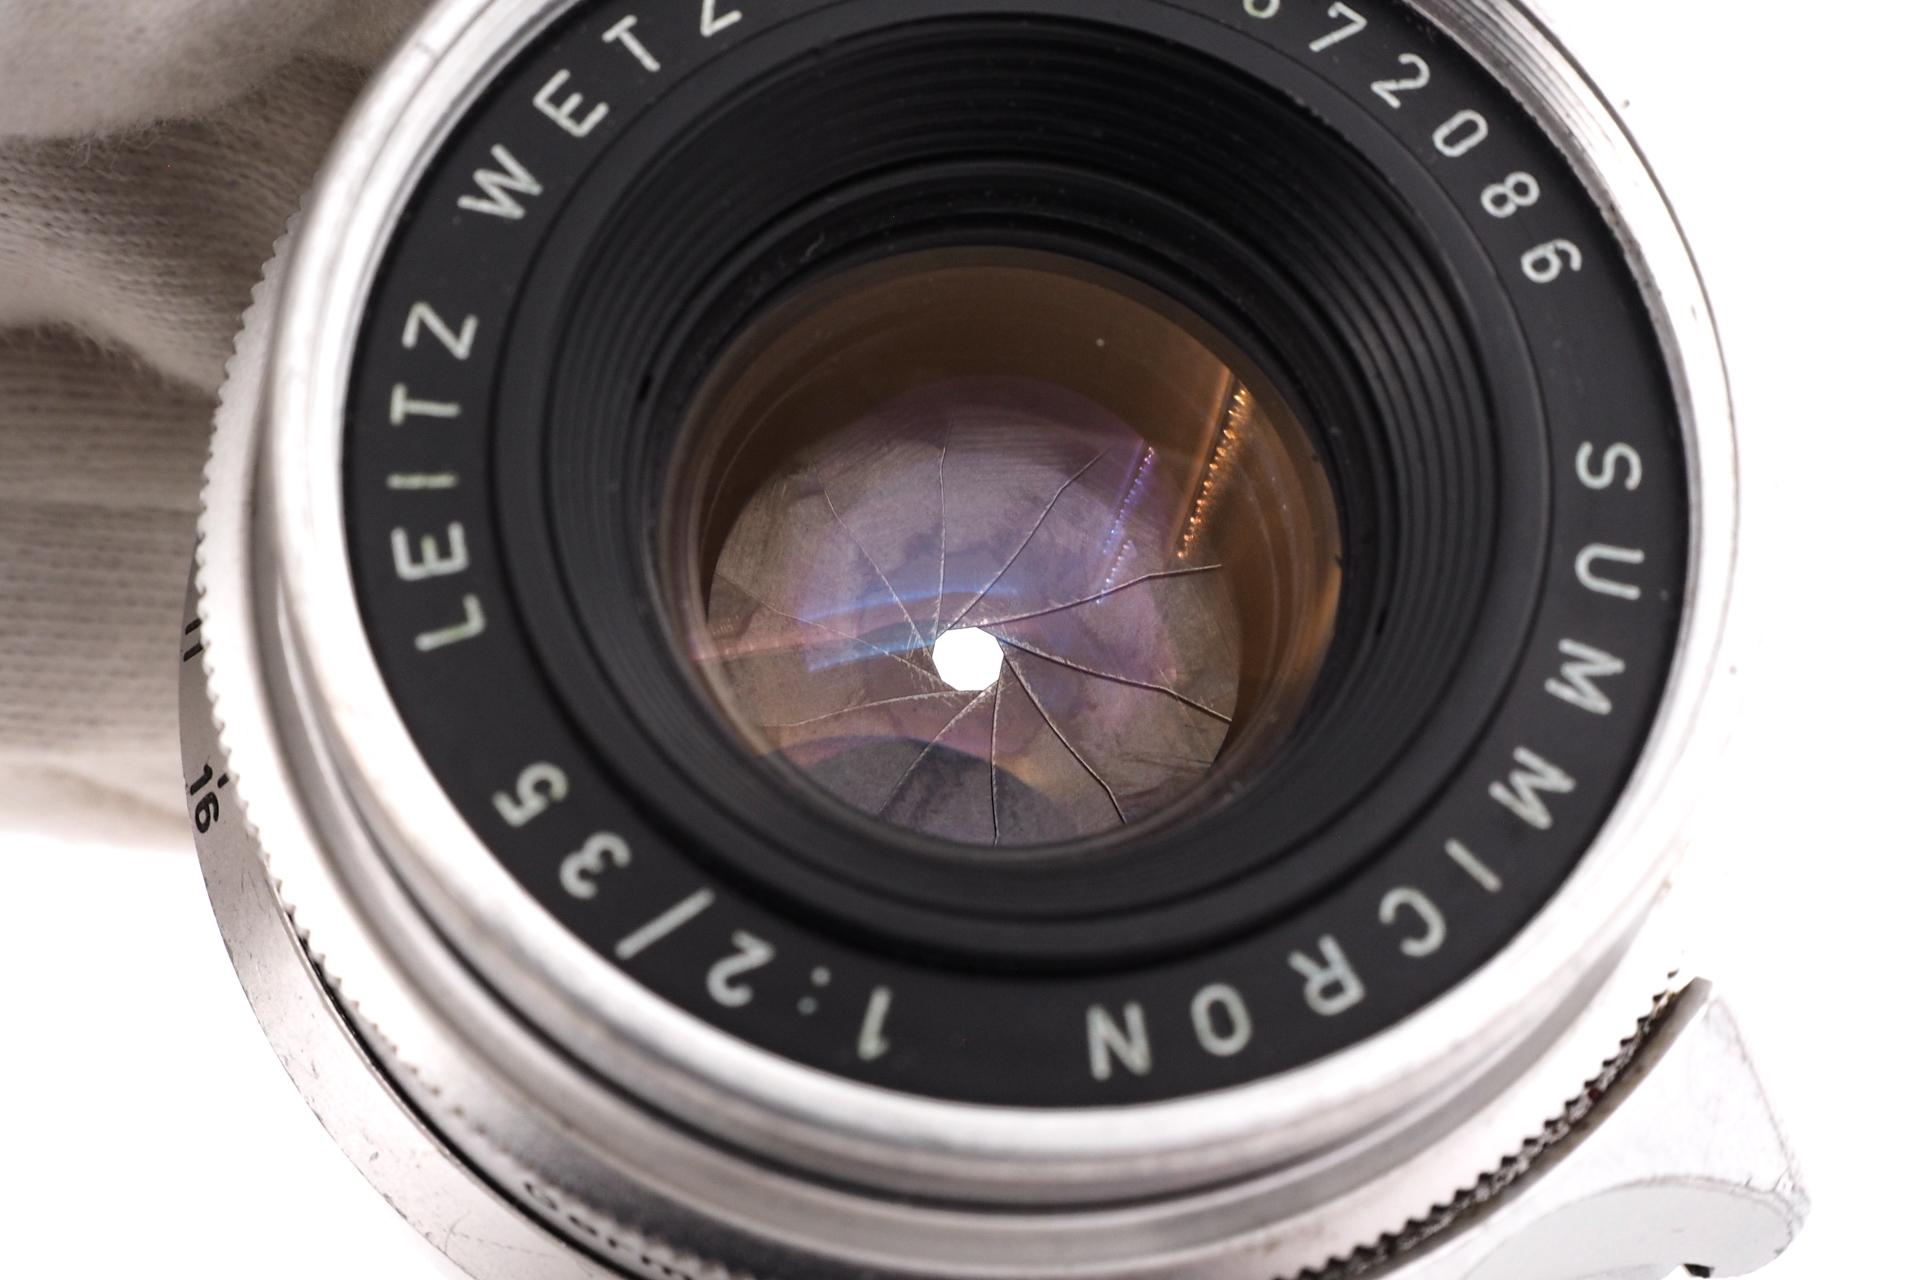 Leica Summicron 1:2/35 M39